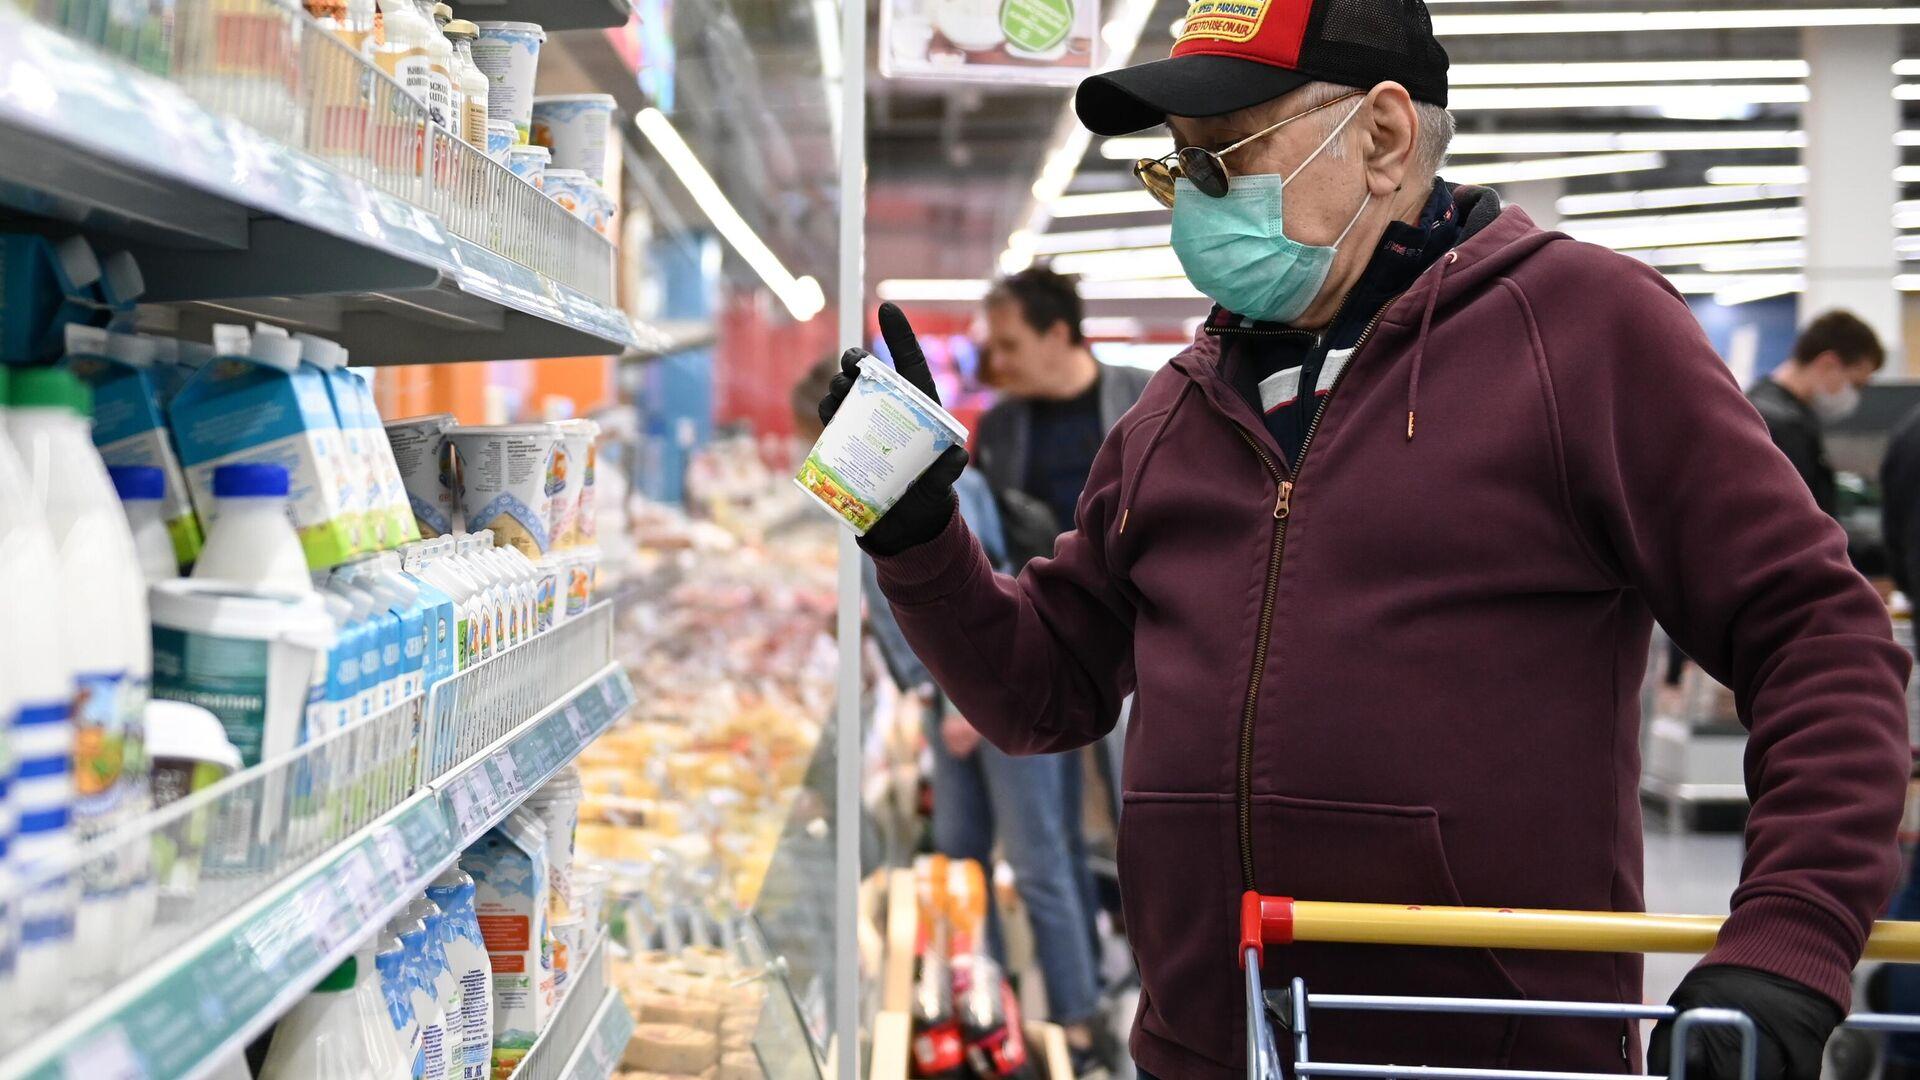 Мужчина в защитной маске покупает продукты в гипермаркете  - РИА Новости, 1920, 10.12.2020